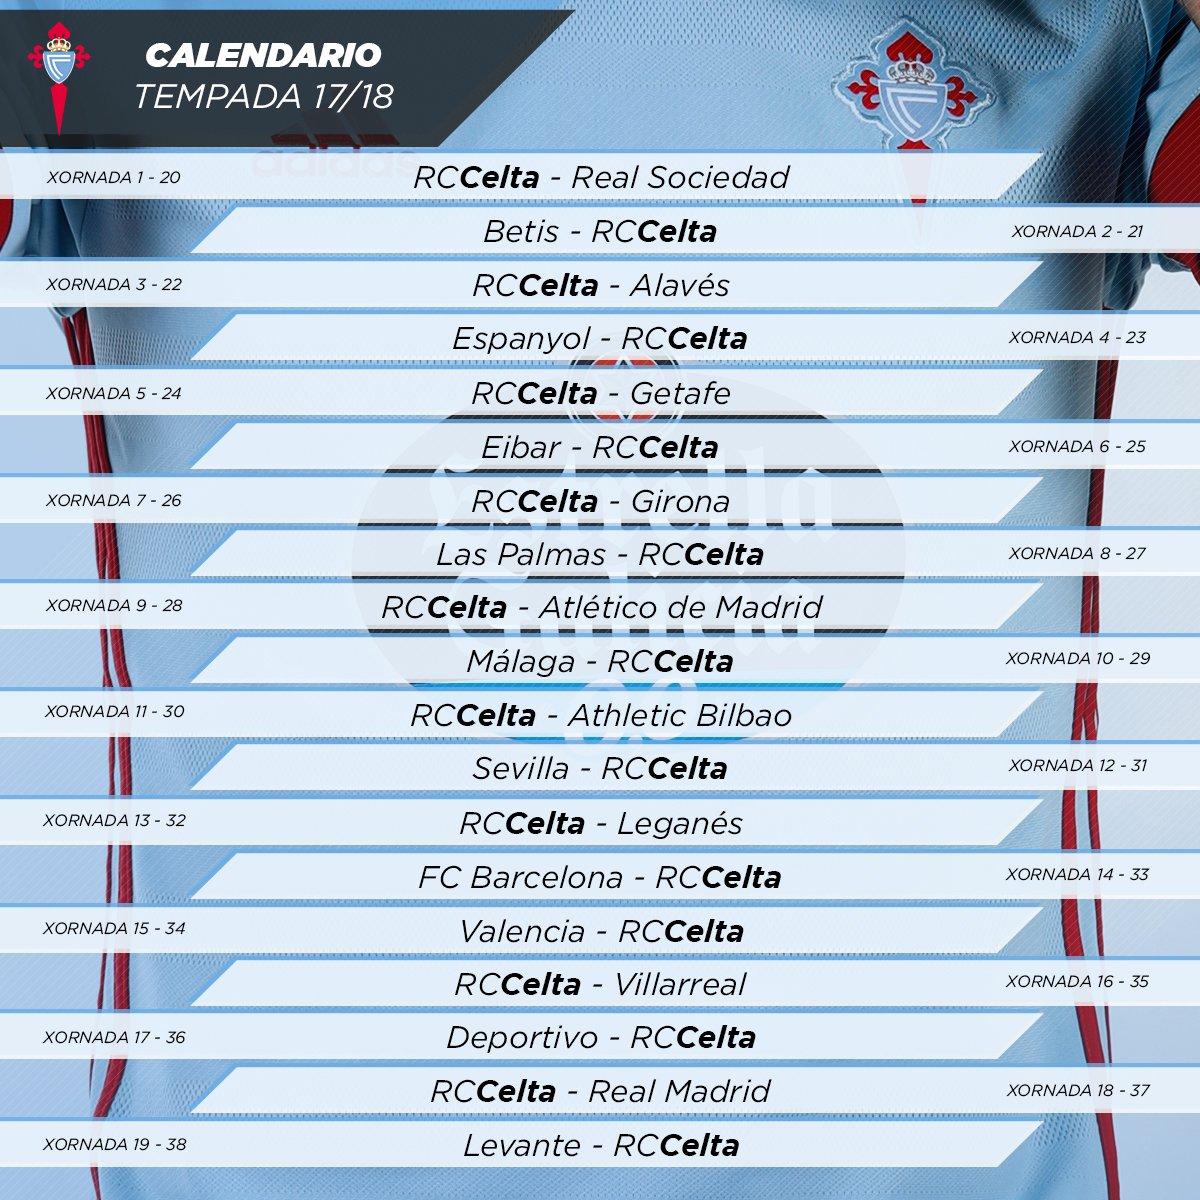 Calendario Celta Vigo.Moiceleste Tv Sorteo Liga As Datas Mais Importantes Para O Celta